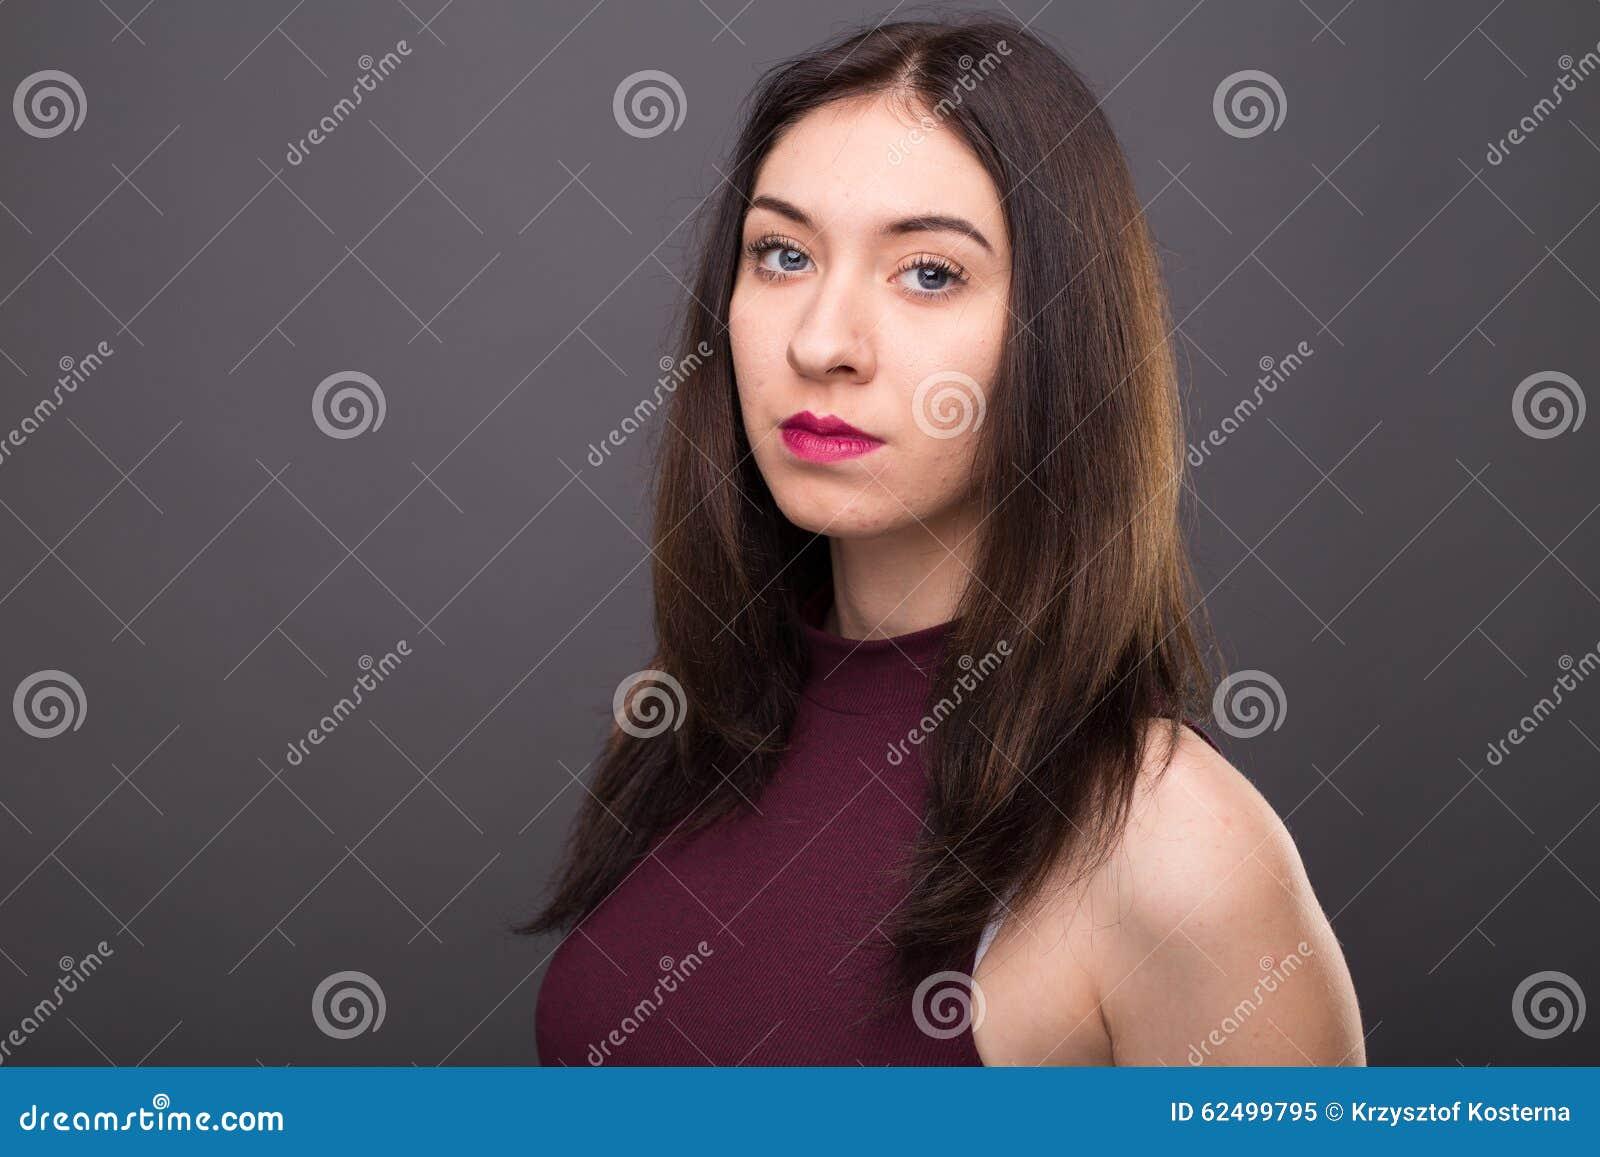 Portretten mooi meisje in de studio